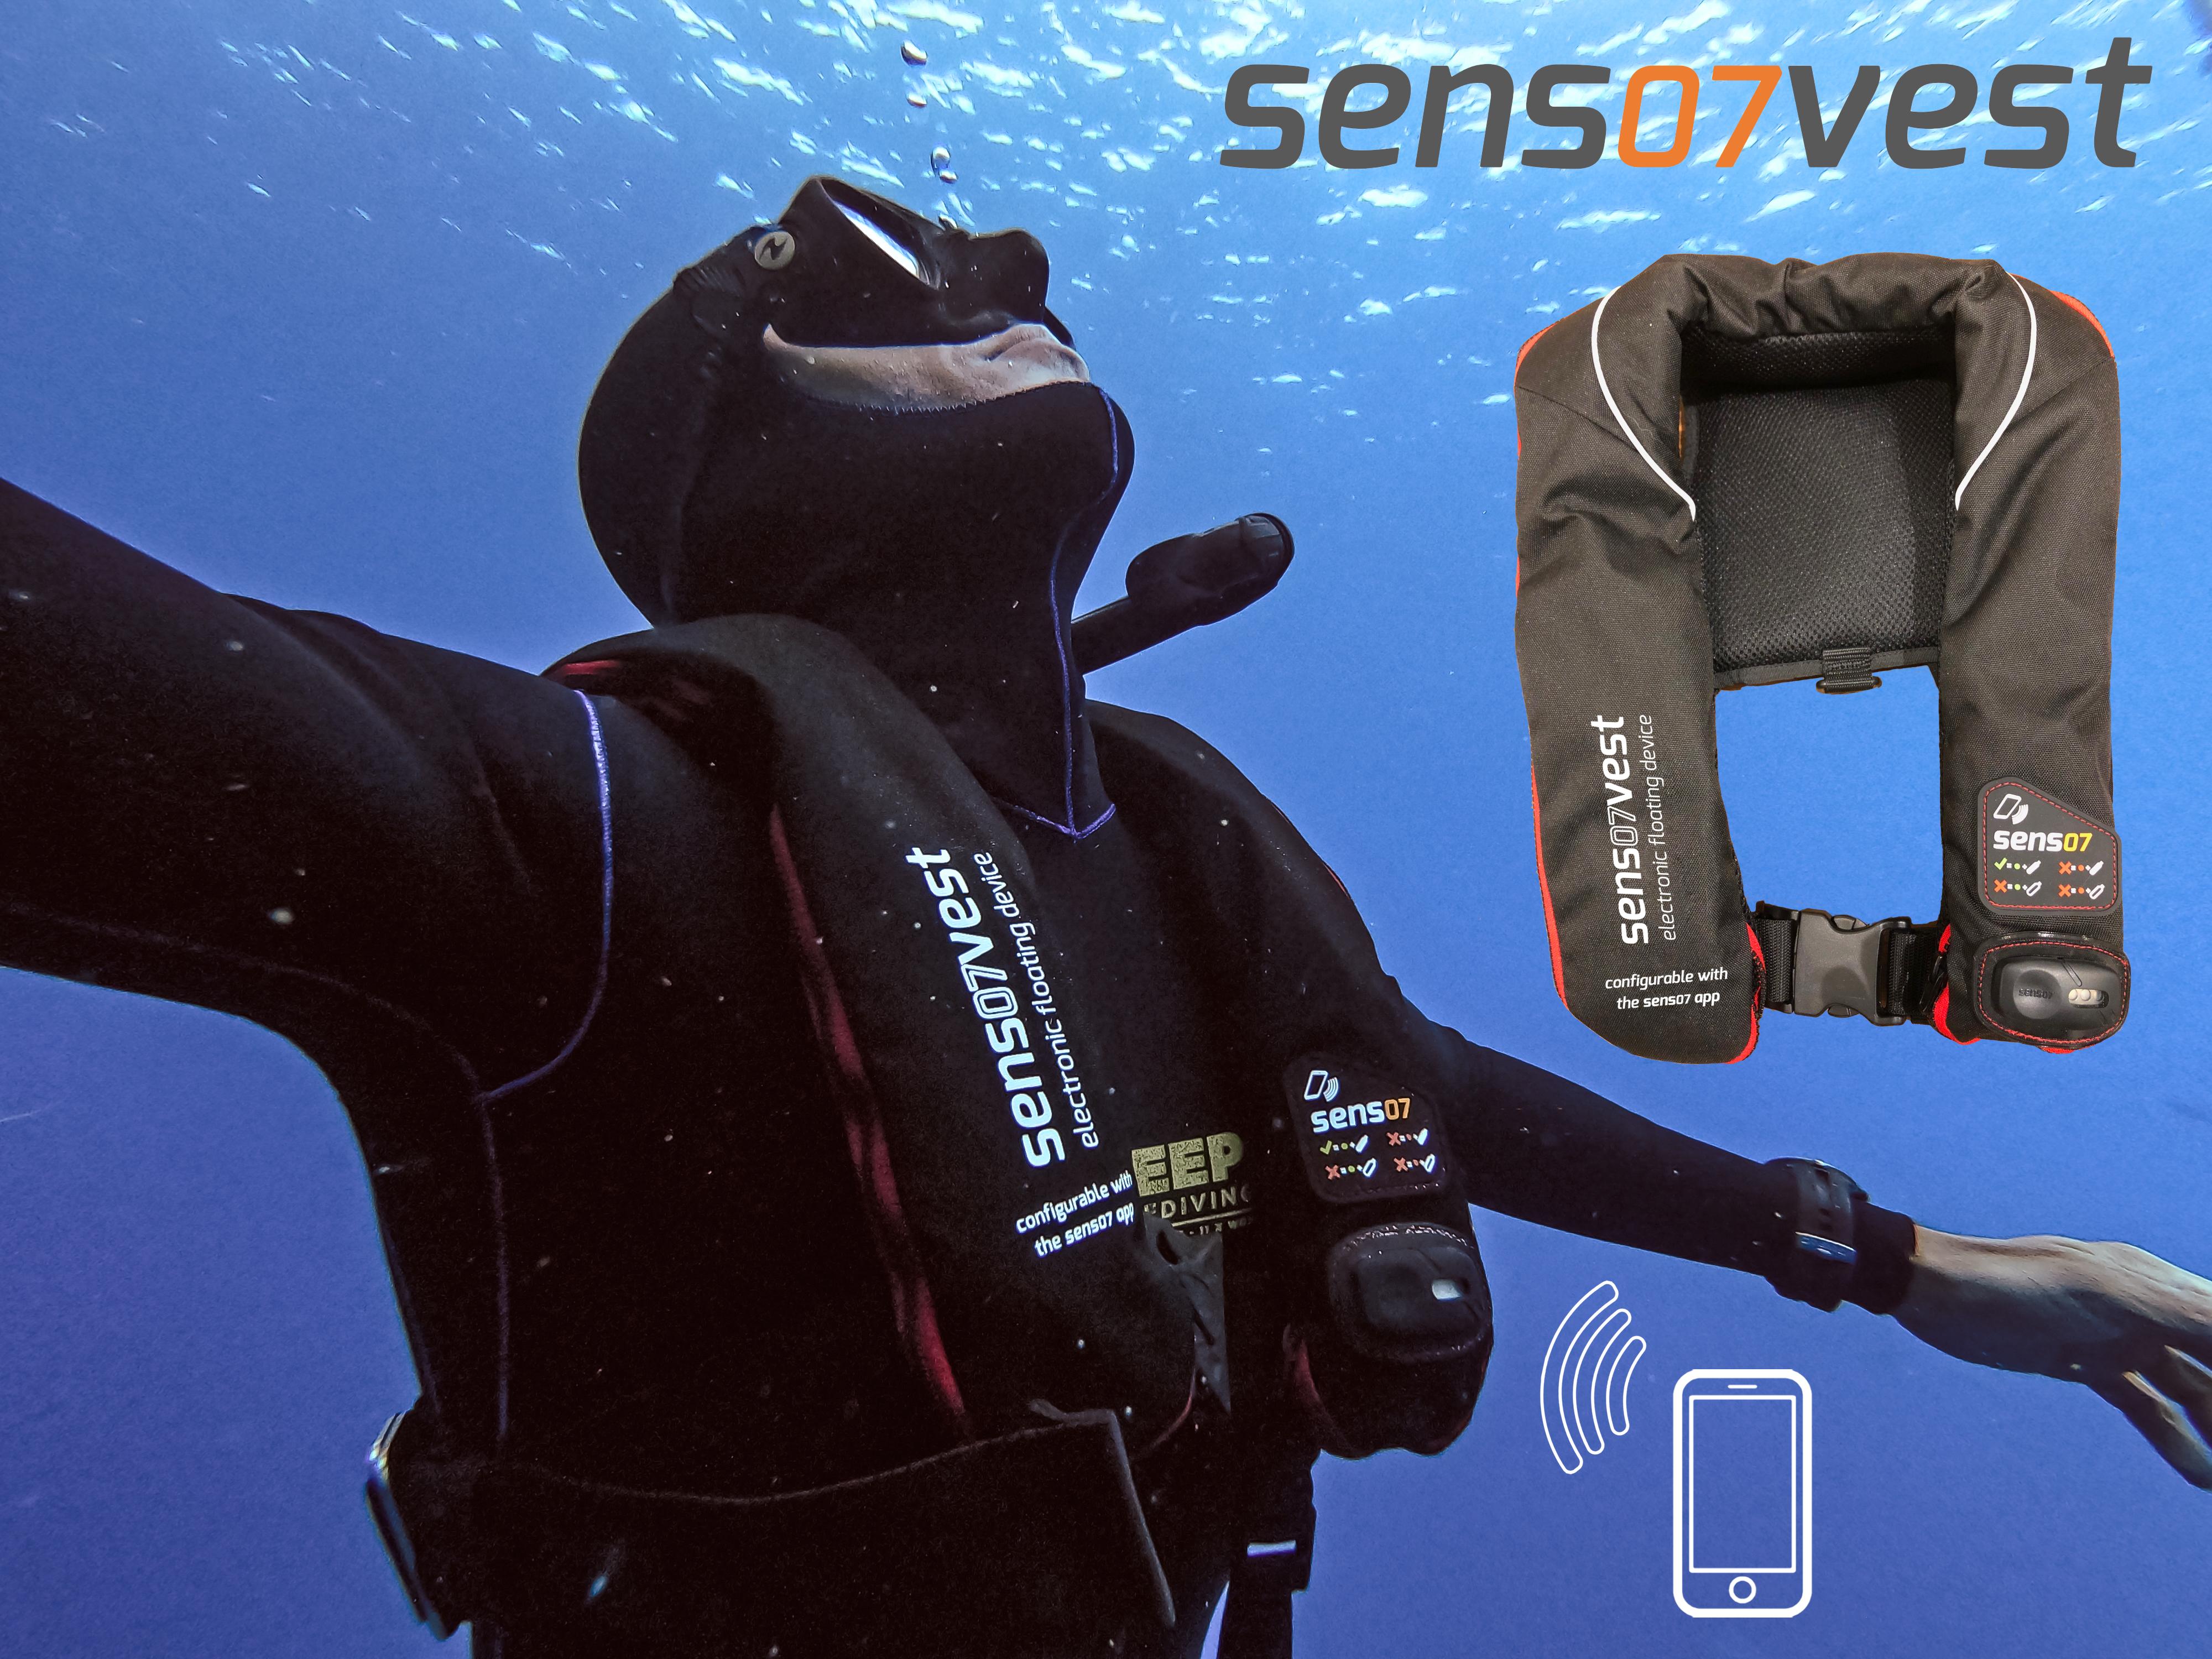 New Sens07vest Freediving Vest Unveiled